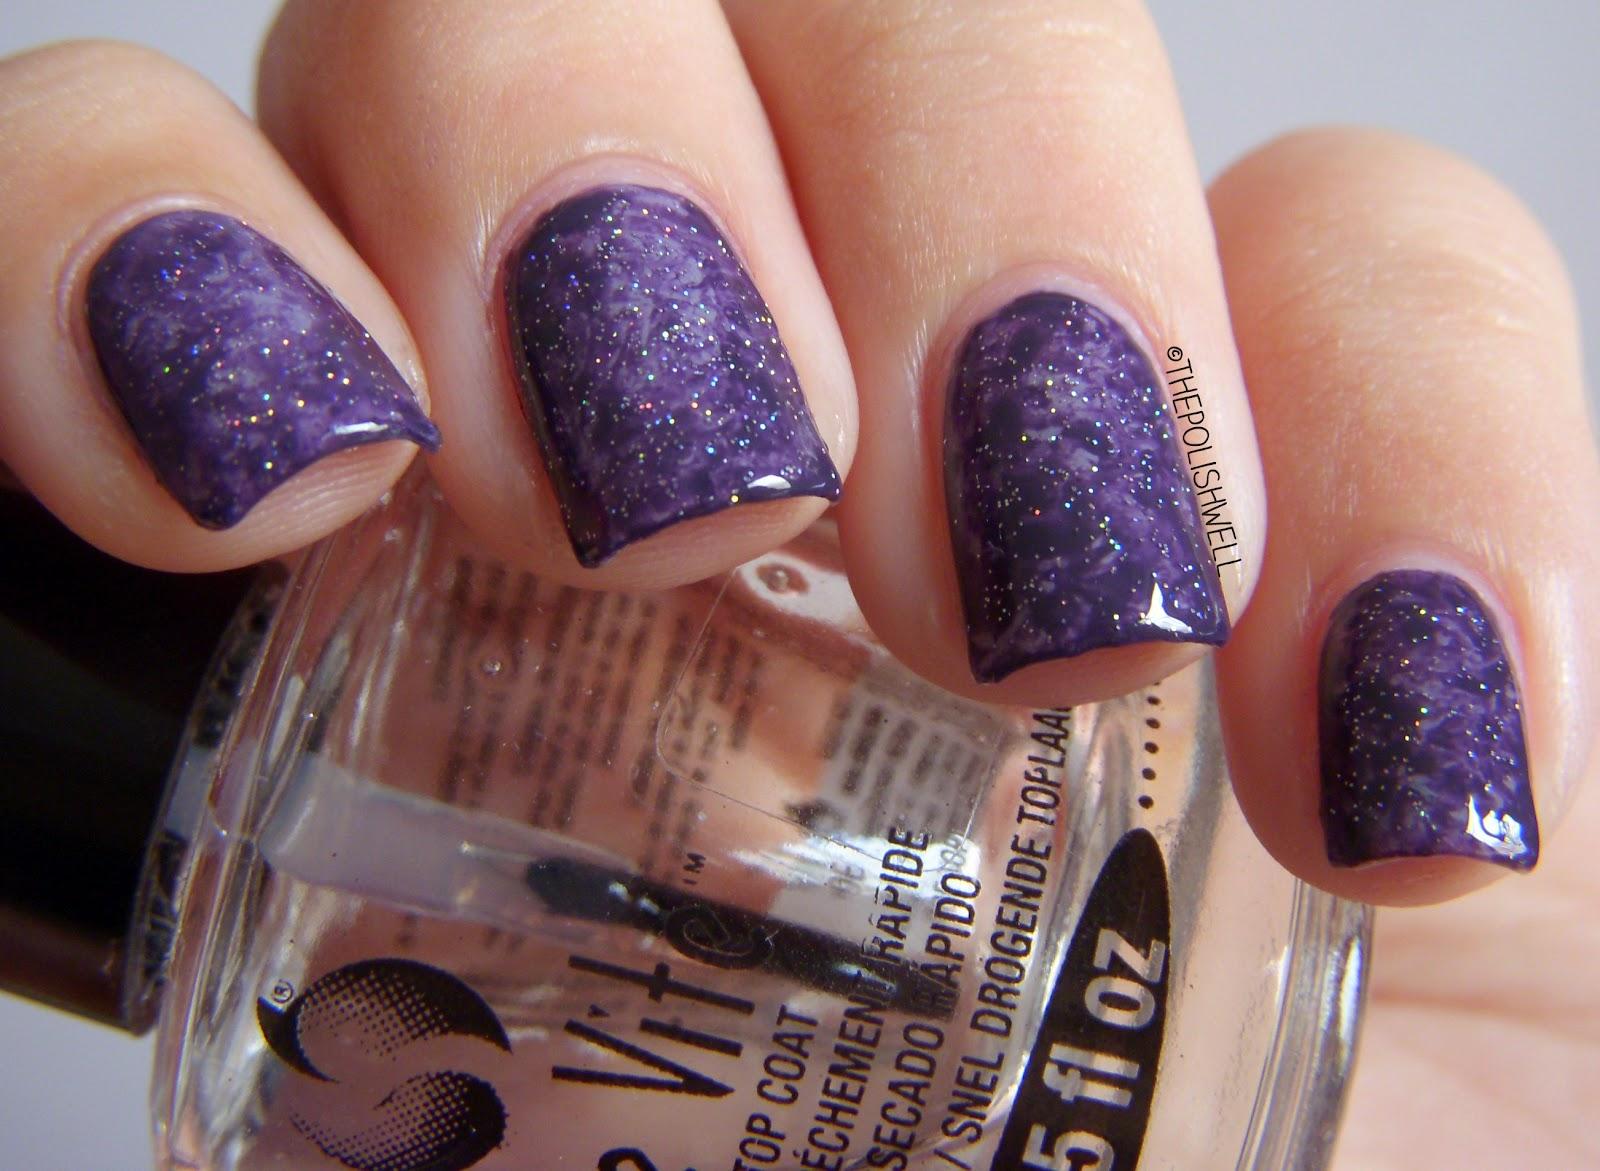 nail-art-saran-wrap12